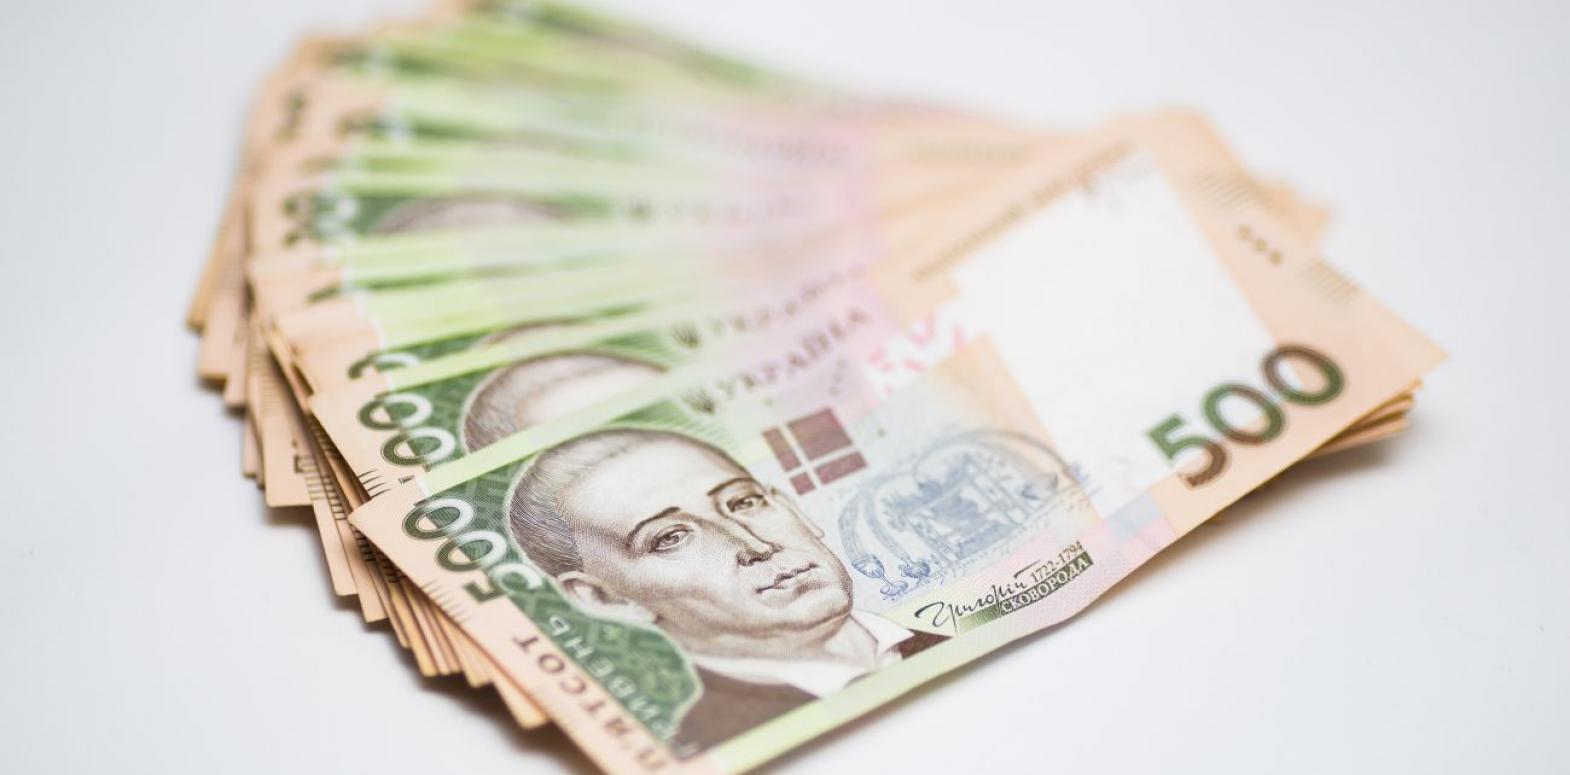 Повышение минимальной зарплаты до 6,5 тысяч гривен отложили на конец 2021 года